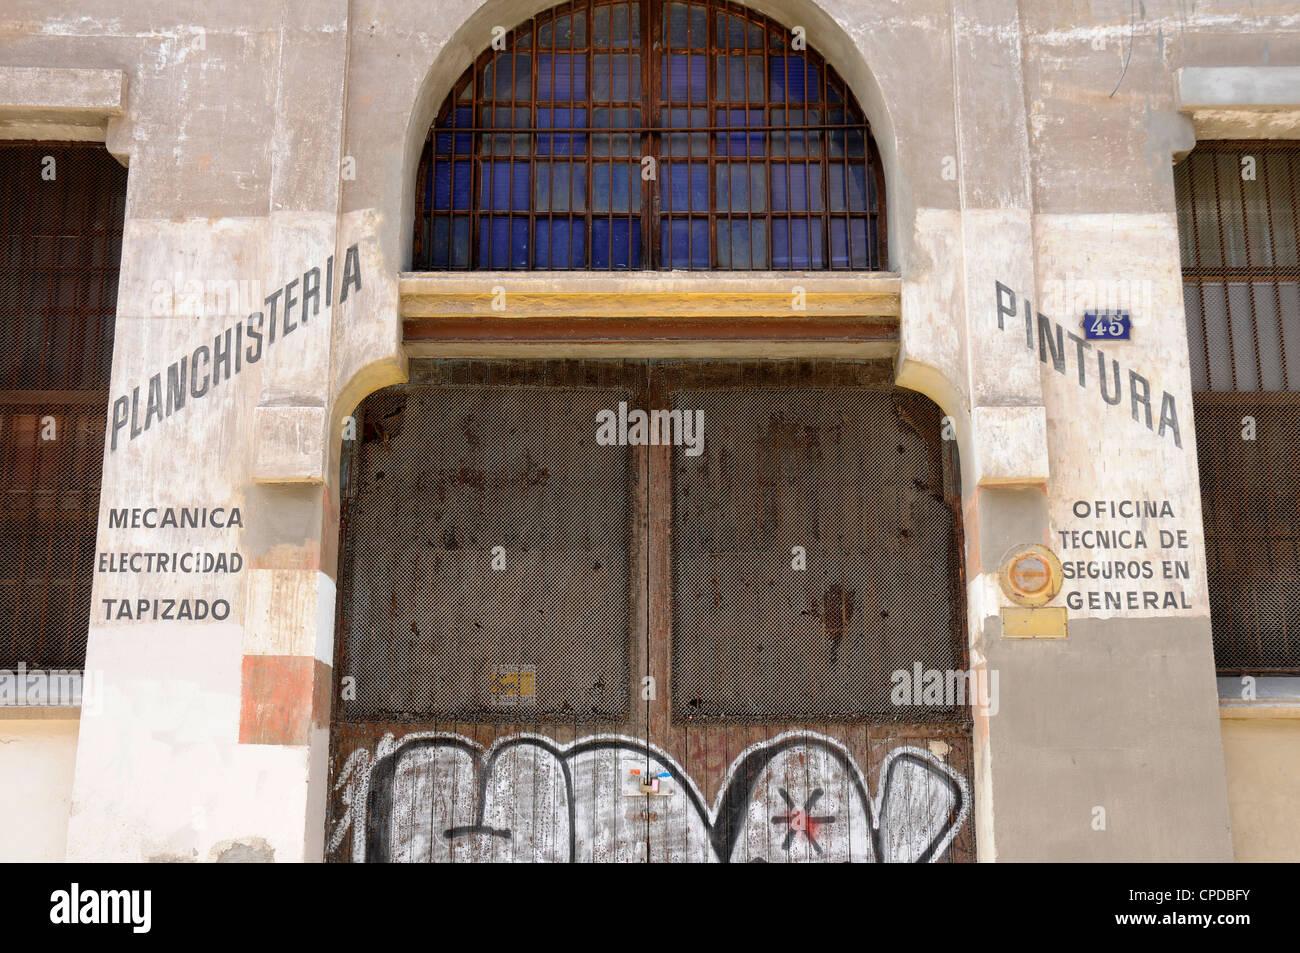 Tipografia in lamiera , vernice vecchia sede di Poble Nou quartiere di Barcellona. Immagini Stock